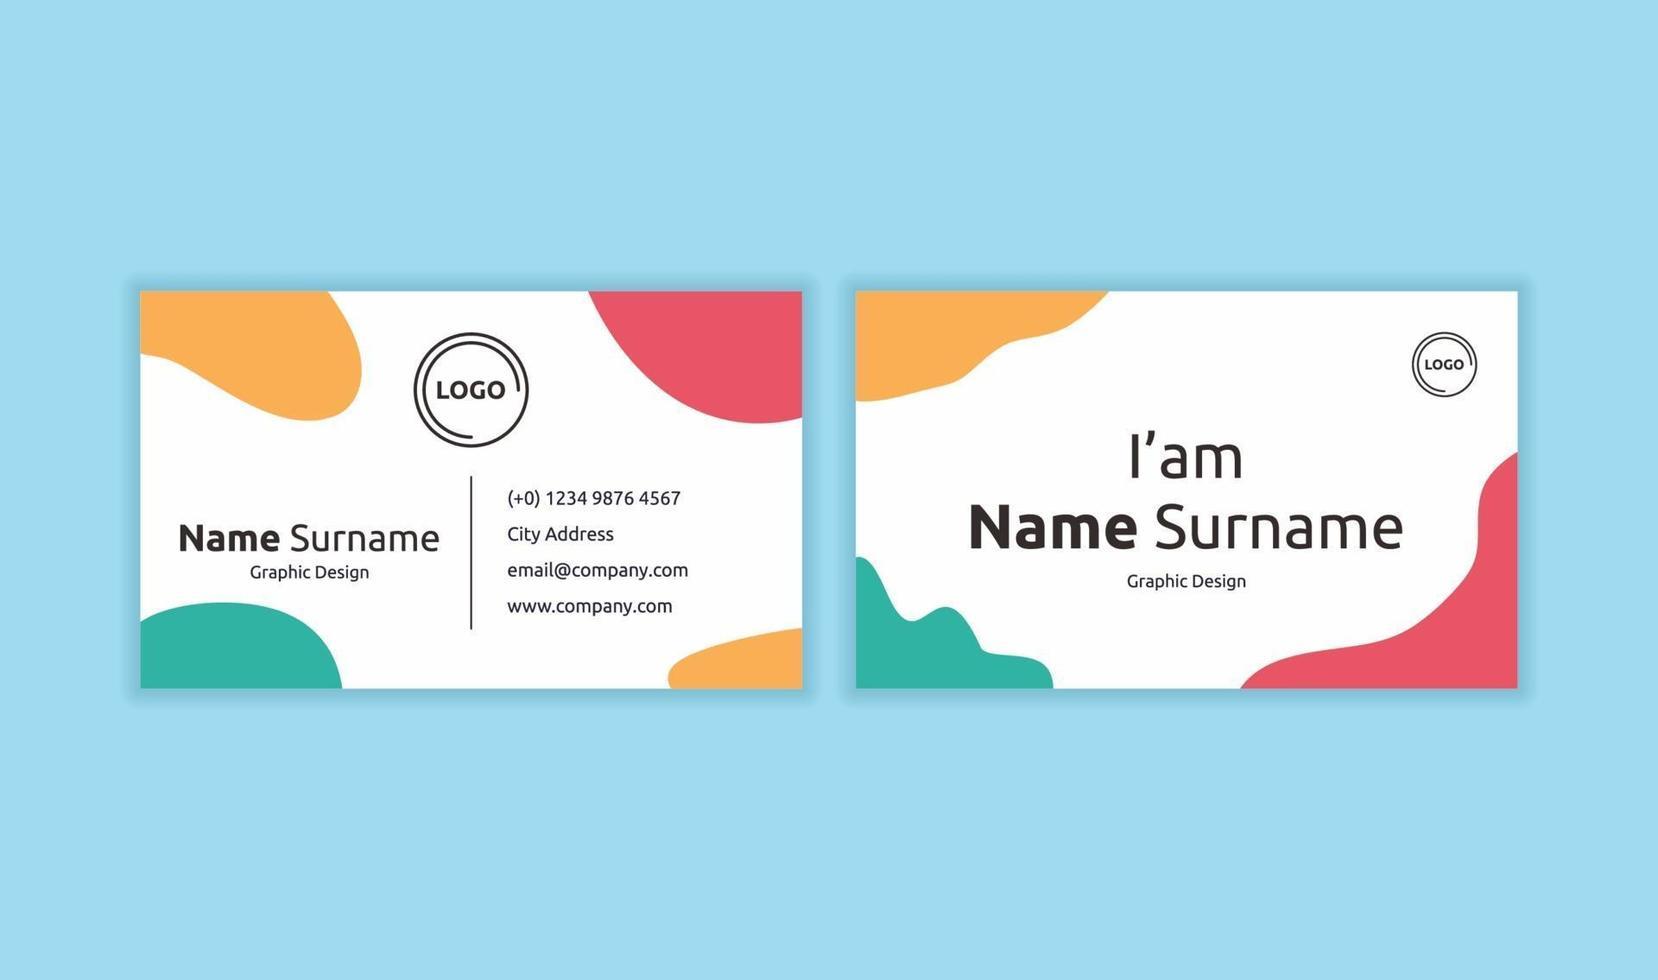 vacker visitkortsmall redo att skriva ut med pastellfärg. kreativa visitkort koncept med plats för logotyp eller foto. platt enkel design av visitkort vektorillustration vektor